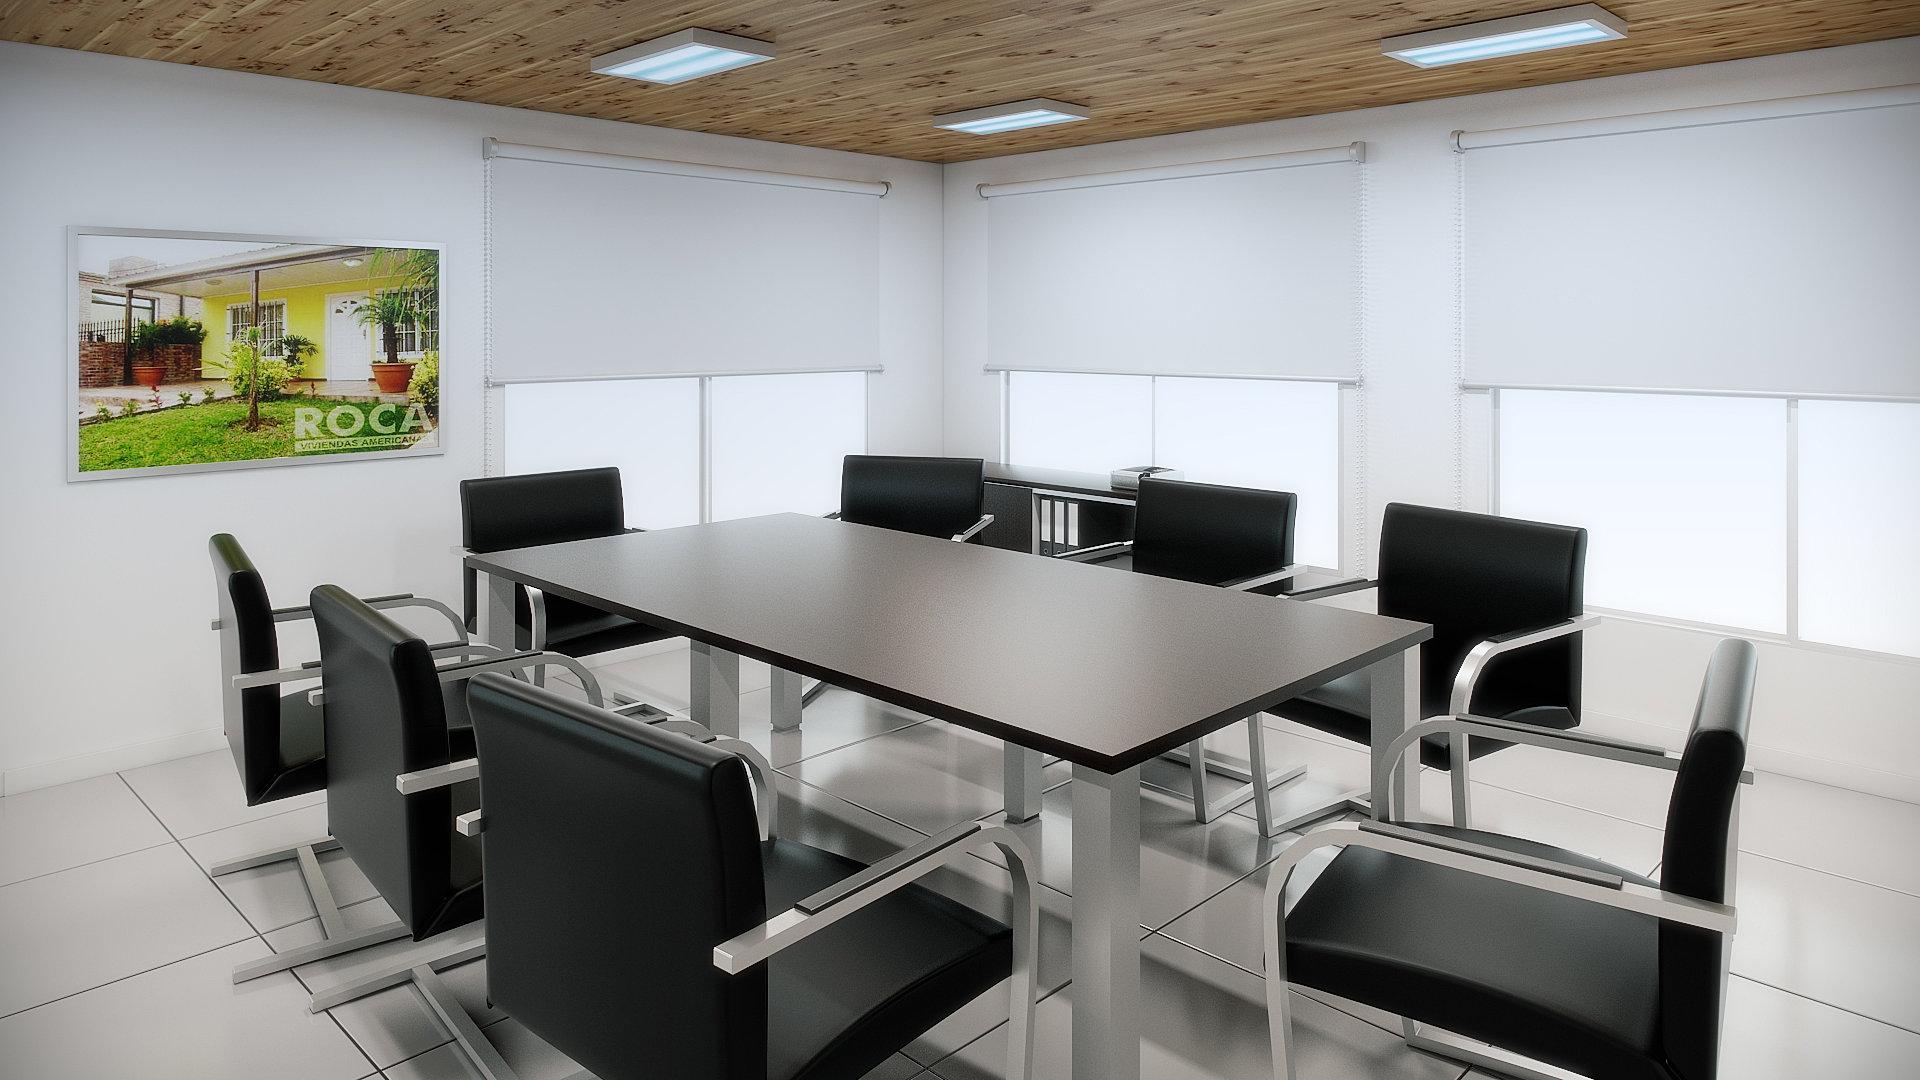 Arq corporativa sala de reuni n for Arquitectura de oficinas modernas